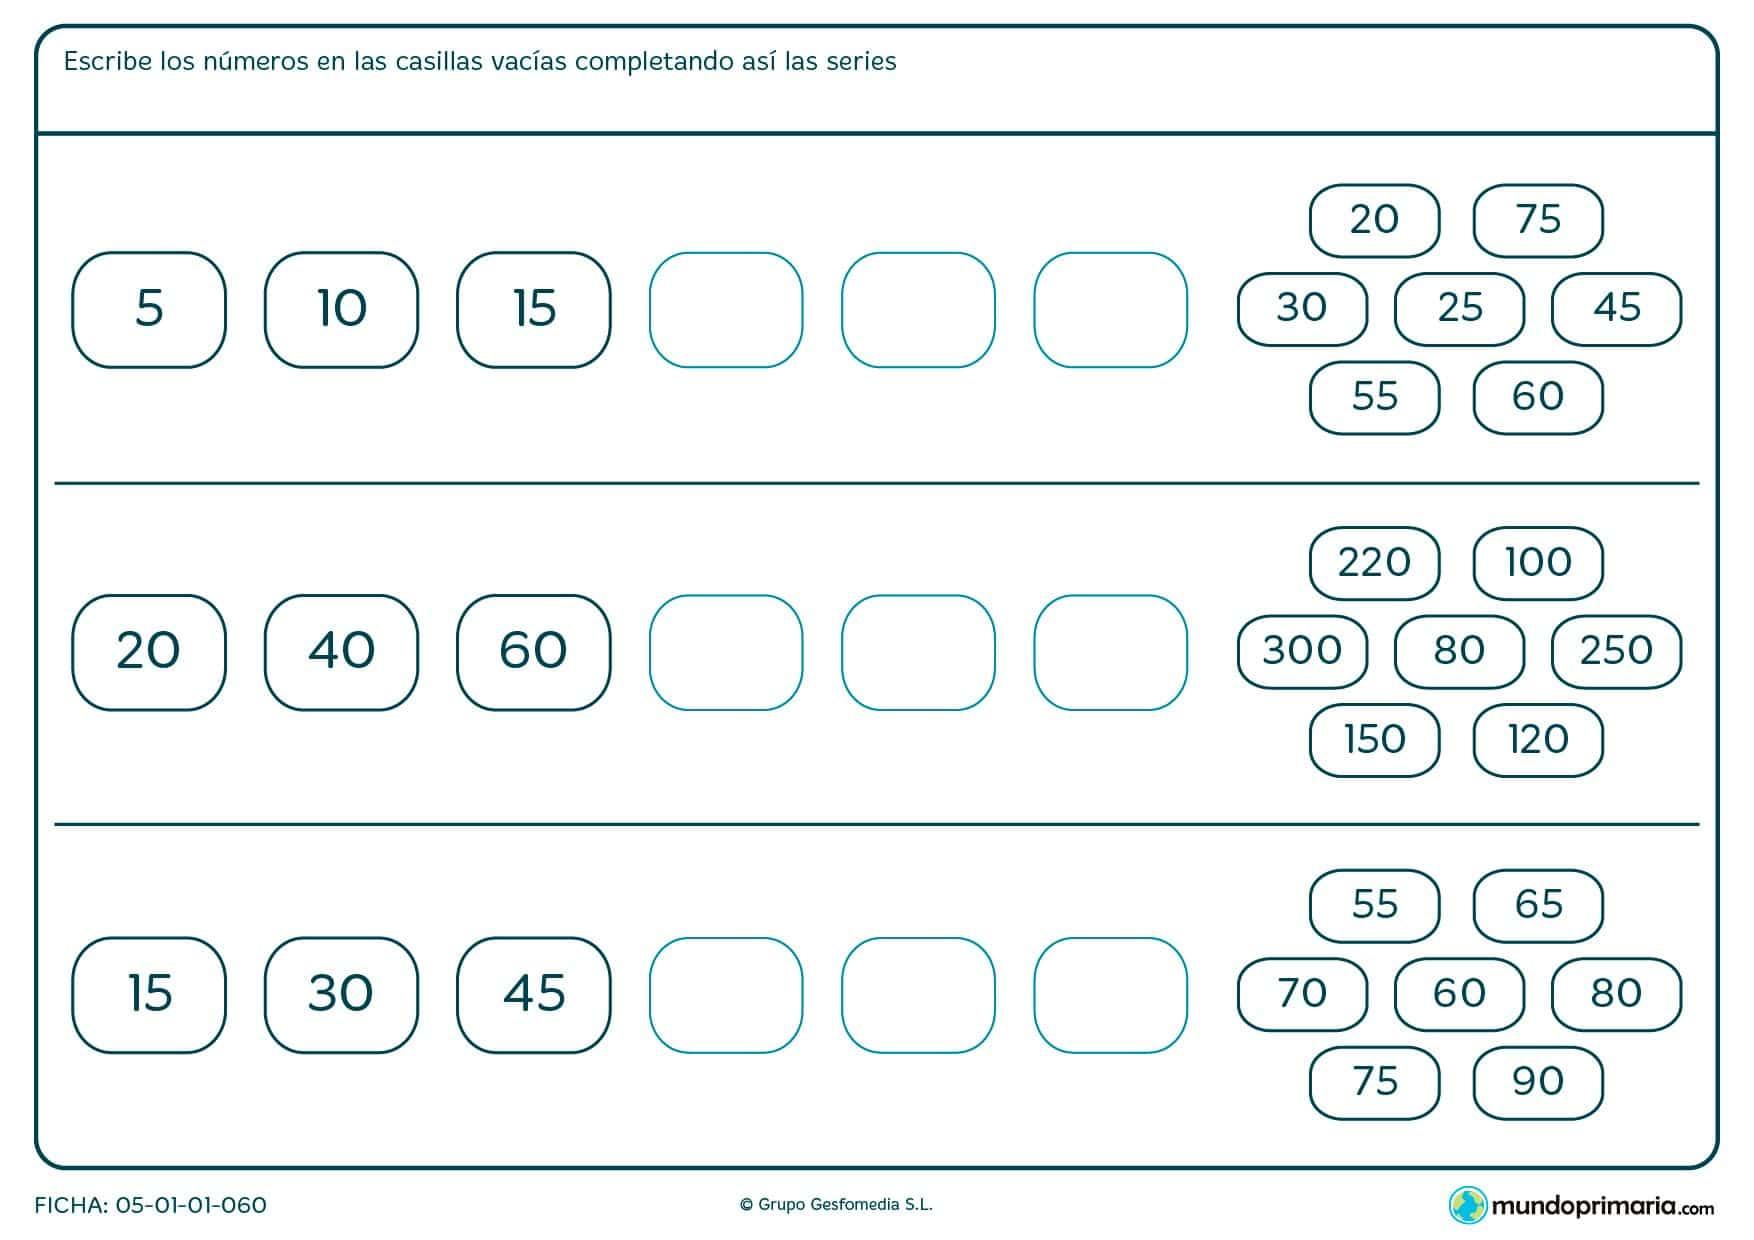 Rellena los huecos con los números correctos en cada caso para completar la serie.